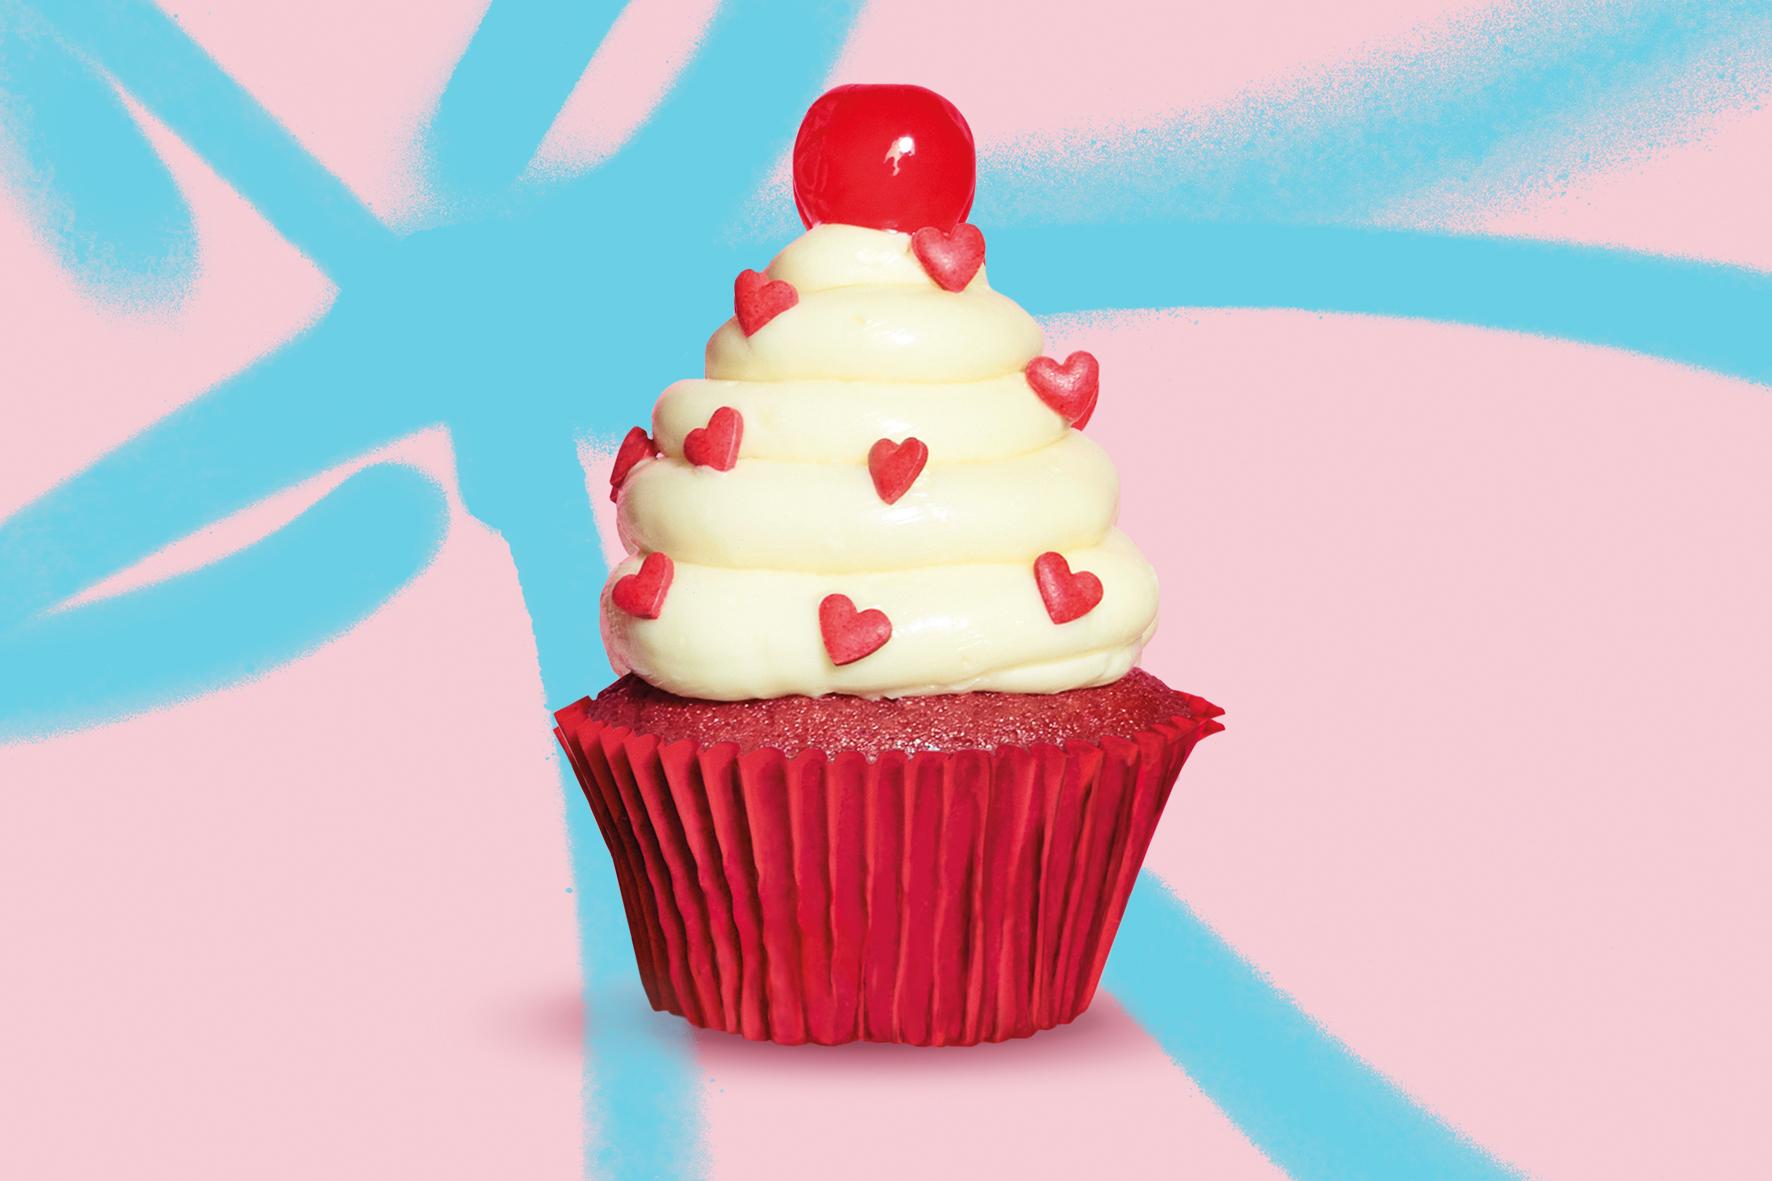 Alzheimer's Society's Cupcake Day